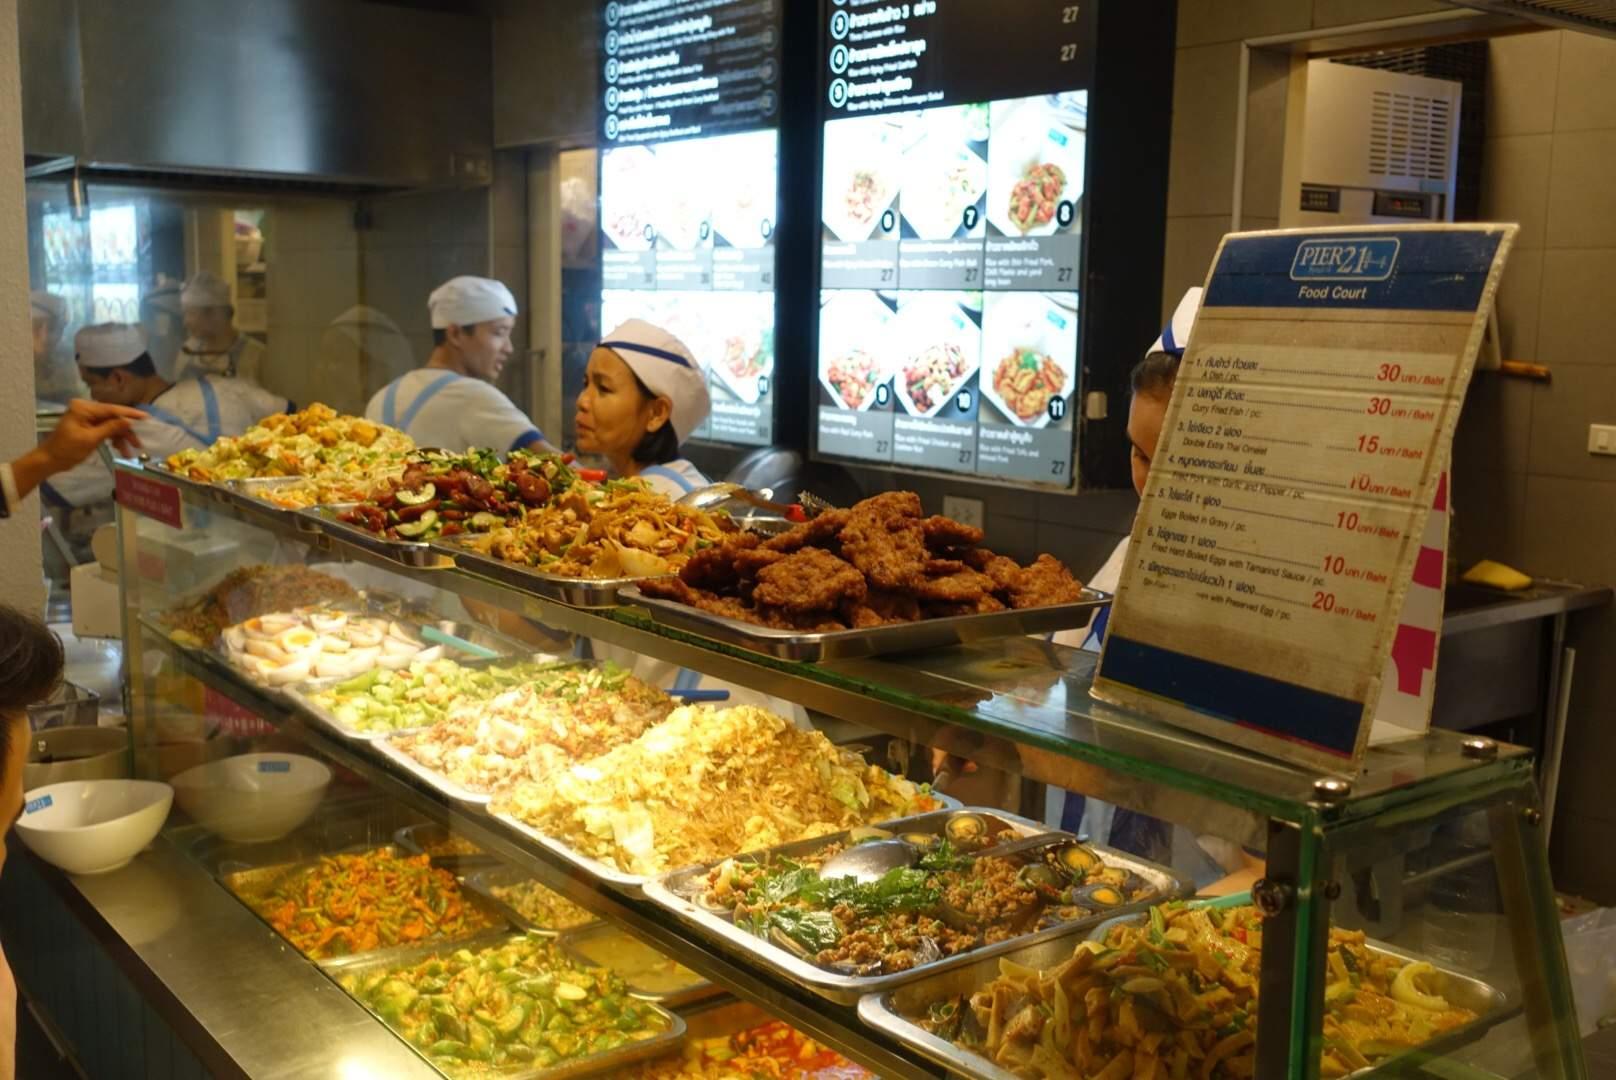 Food at Terminal 21